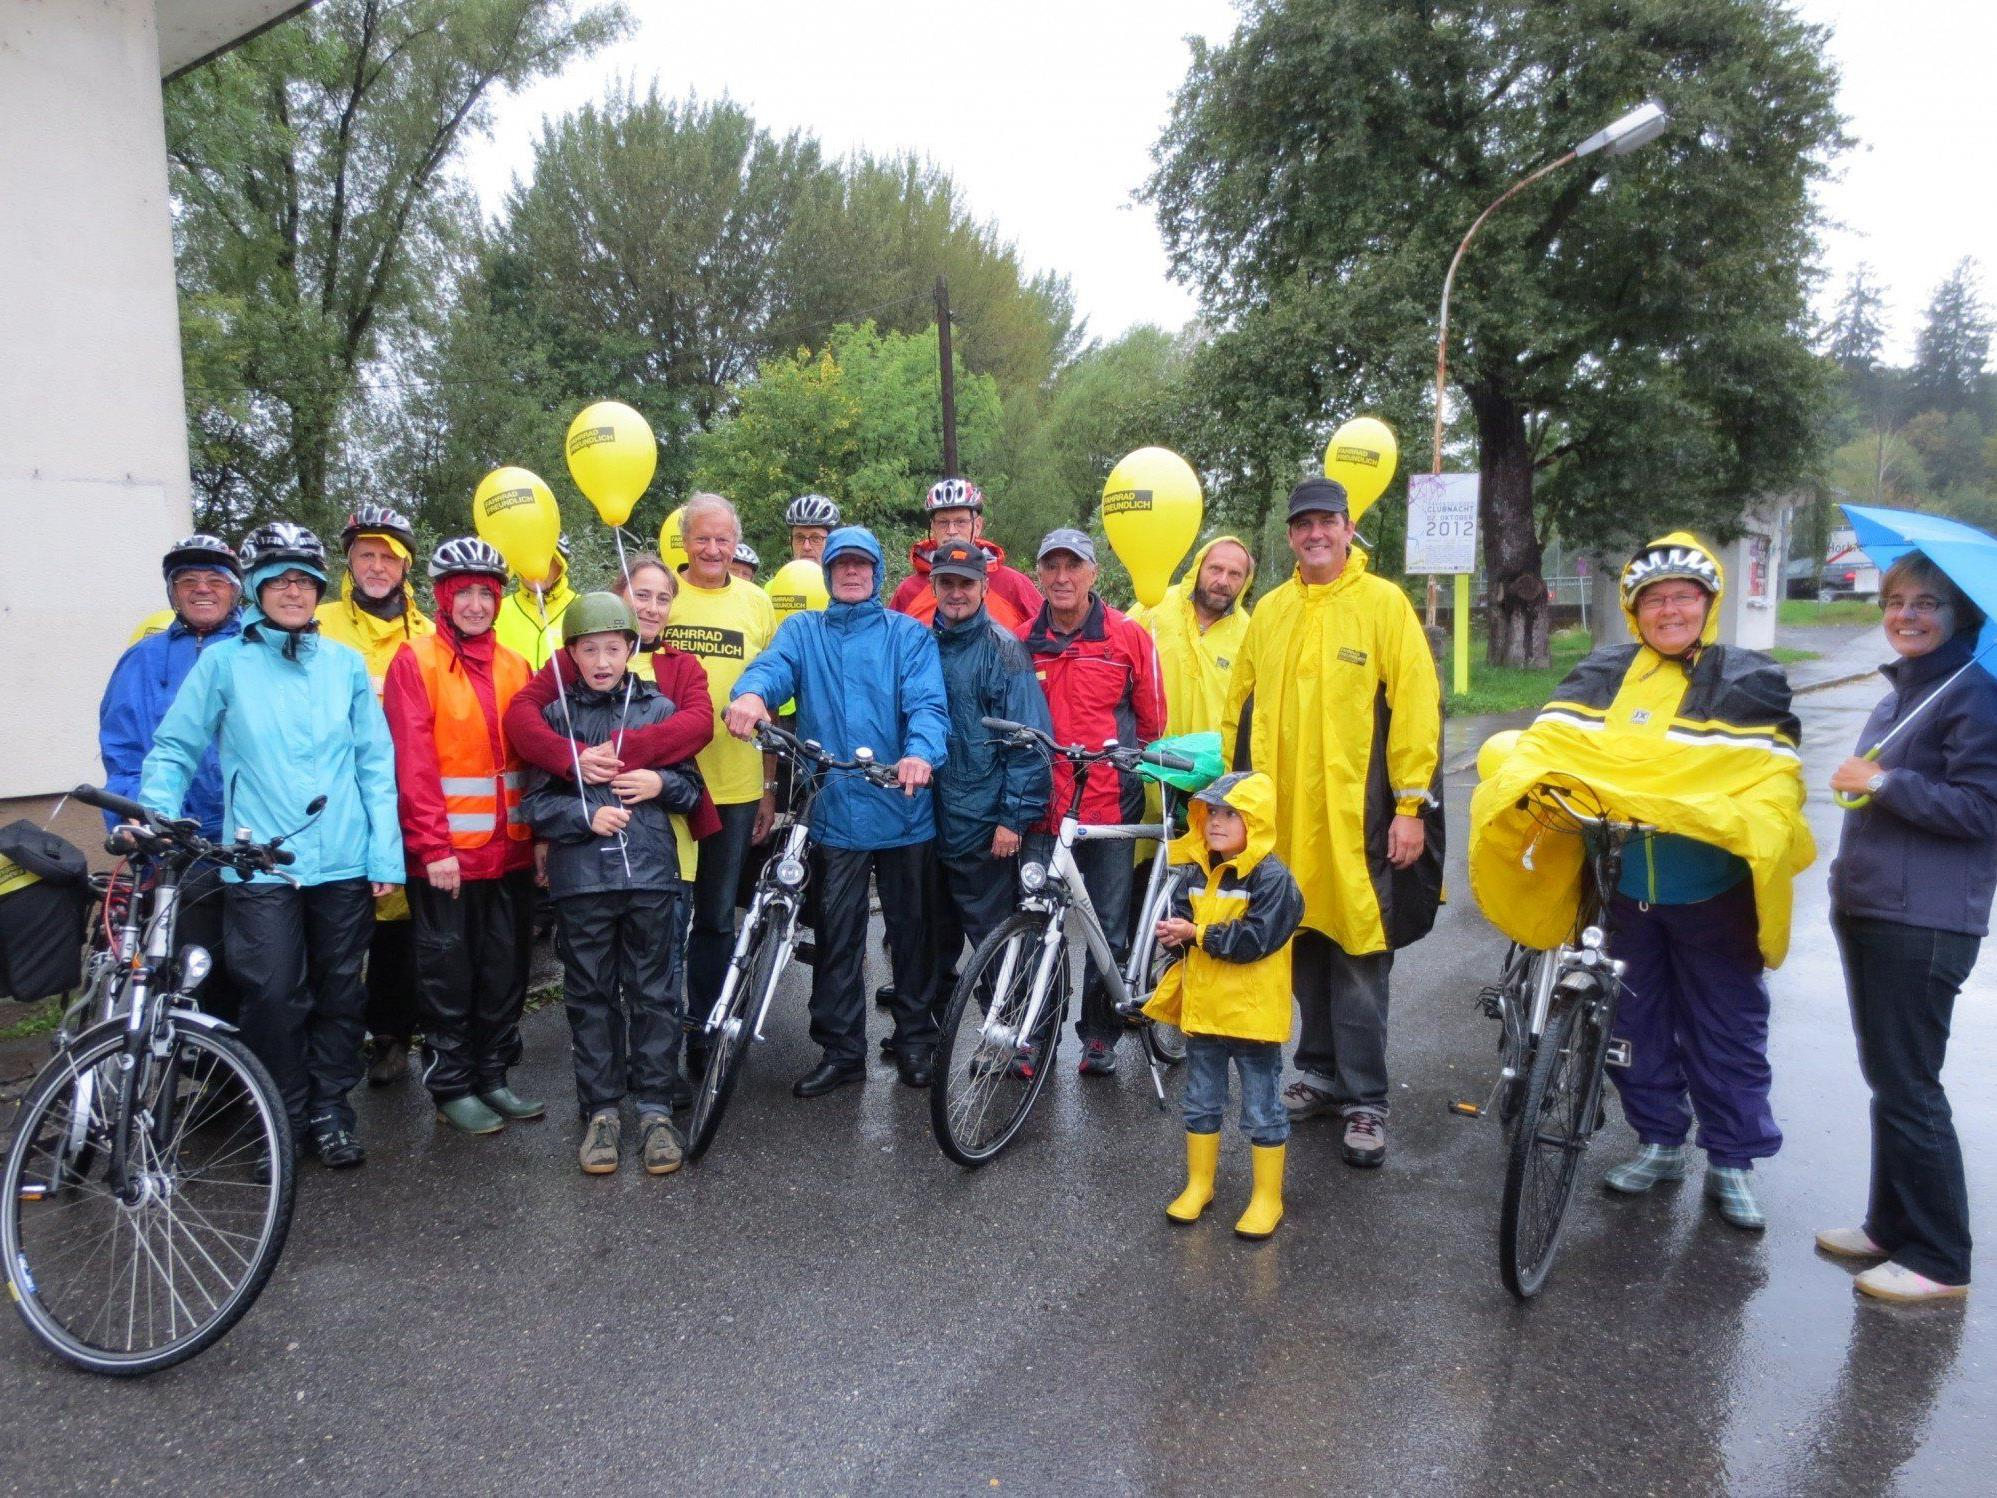 Auch bei schlechtem Wetter waren im vorigen Jahr zahlreiche Radfahrer gut ausgerüstet bei der FAHR RAD Parade und der FAHR RAD Preisverlosung mit dabei.